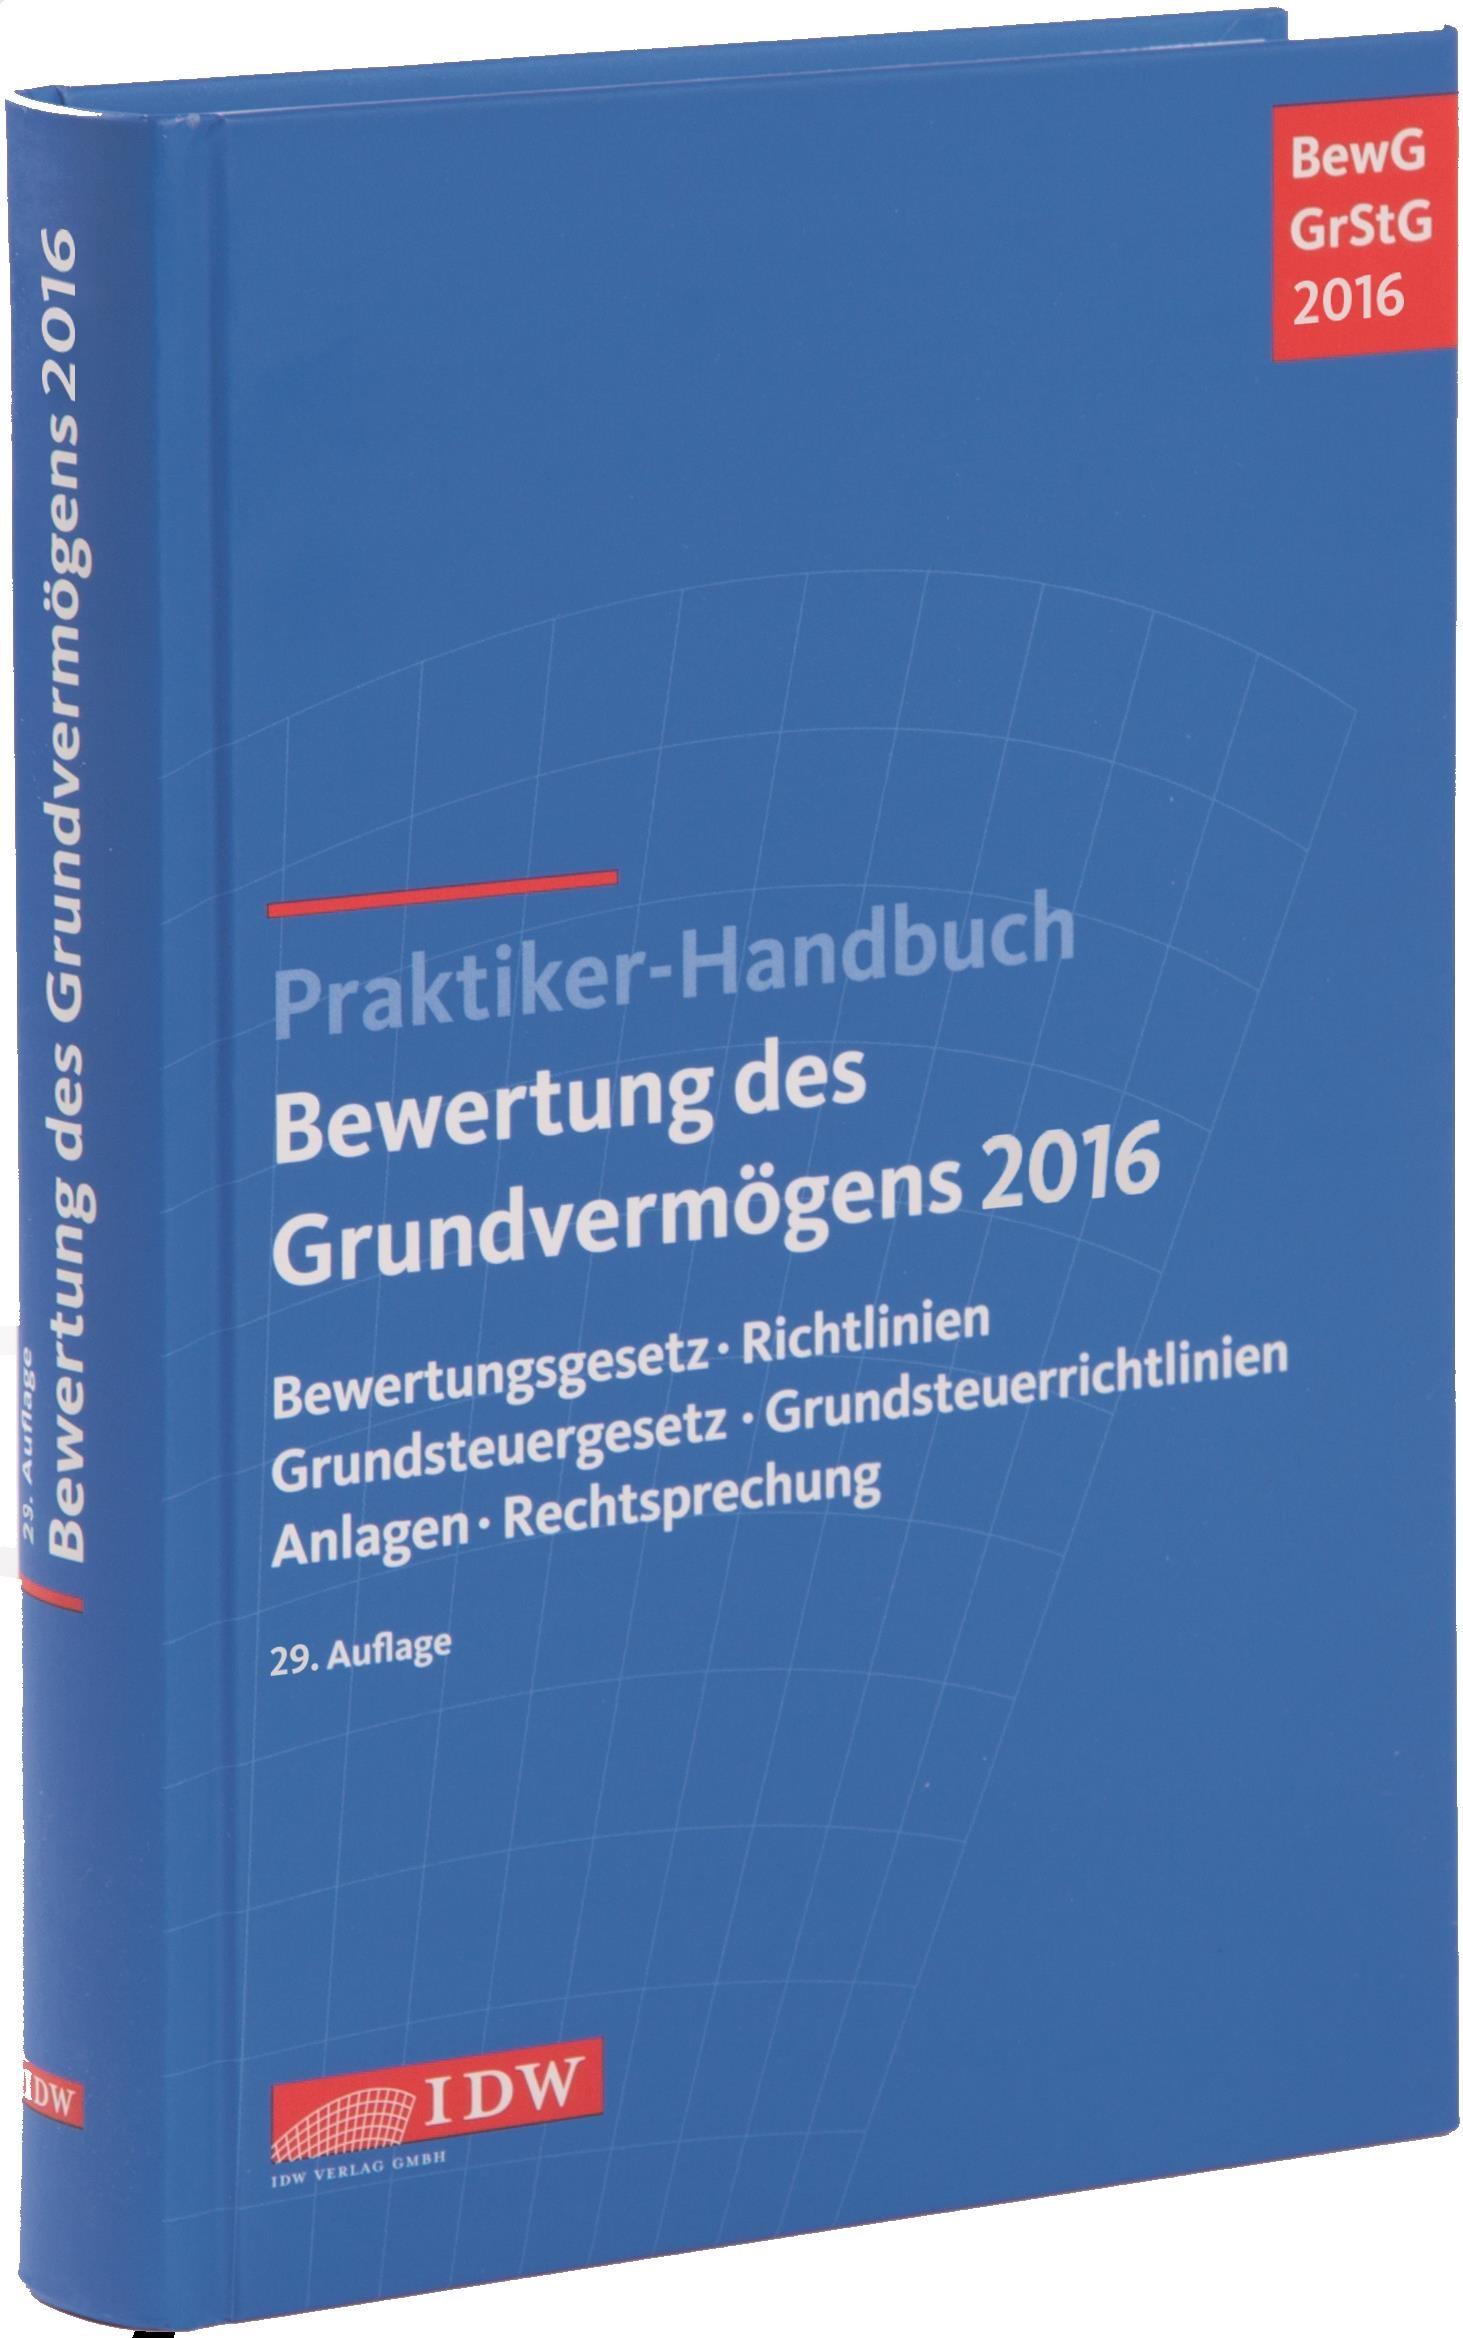 Praktiker-Handbuch Bewertung des Grundvermögens 2016 | Institut der Wirtschaftsprüfer | 29. Auflage, 2016 | Buch (Cover)